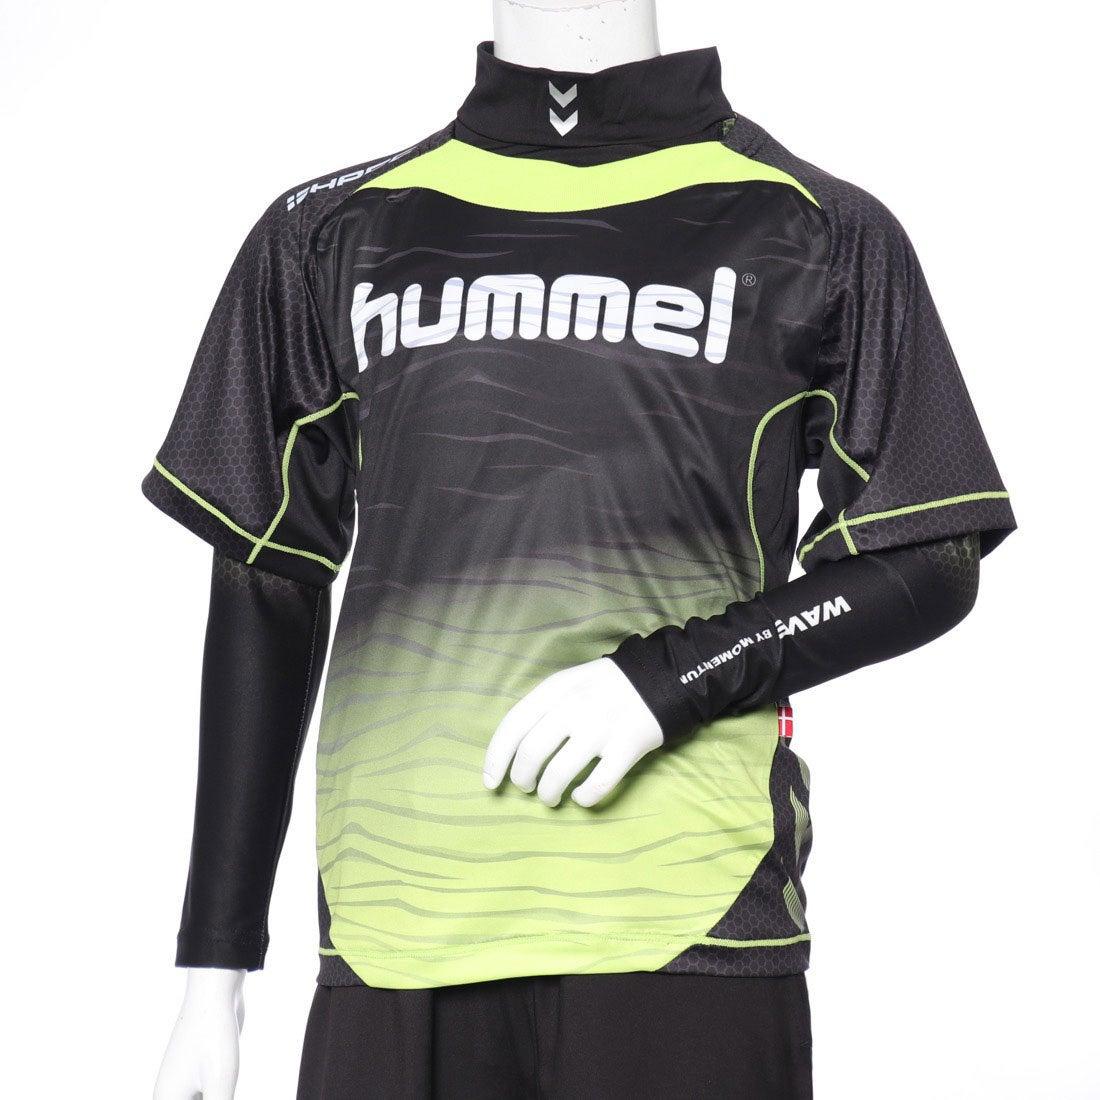 ロコンド 靴とファッションの通販サイトヒュンメルhummelジュニアサッカー/フットサルレイヤードシャツジュニアプラシャツ・インナーセットHJP7109